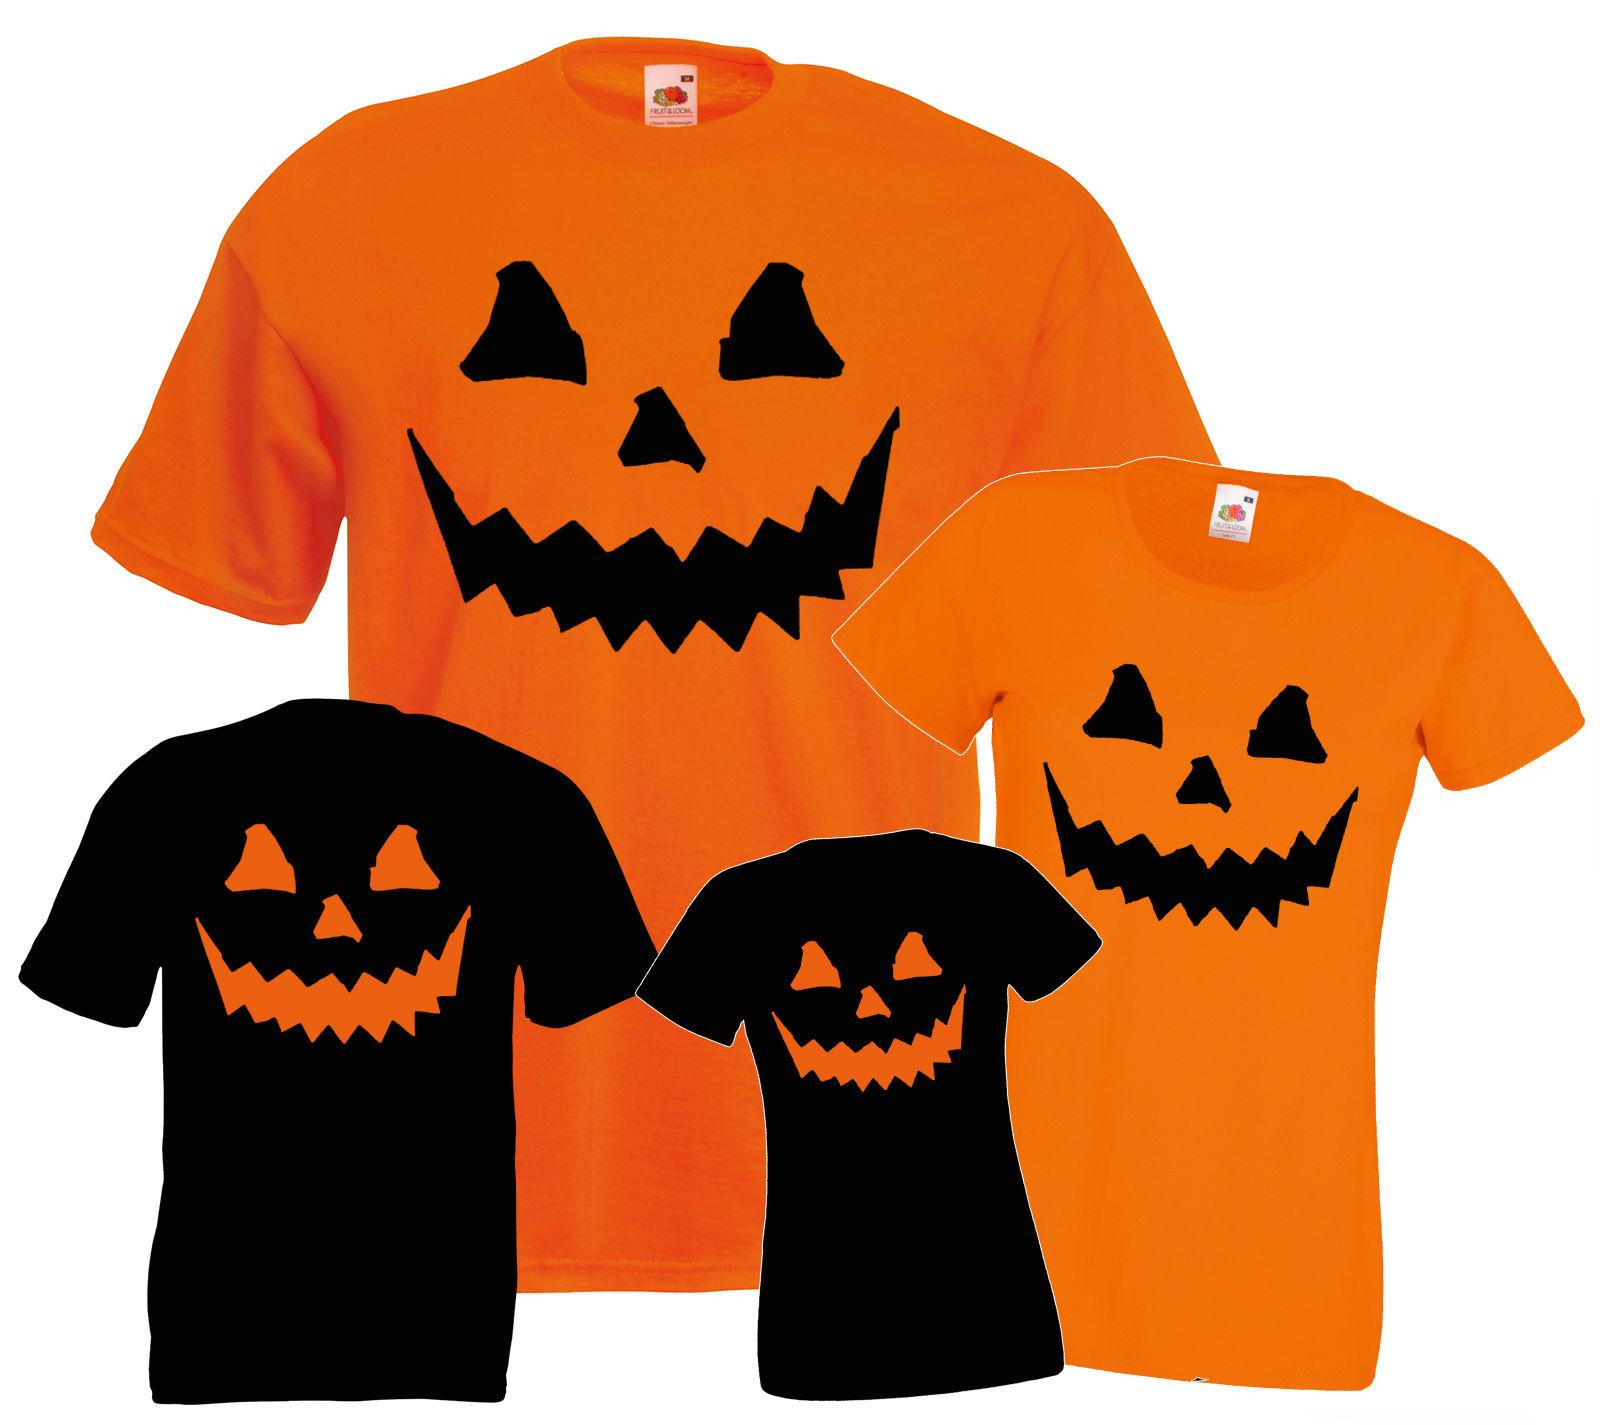 Cher Tshirt Casual Robe Cadeau Unisexe Halloween T Shirt Shirts Femme Enfants Citrouille Homme Fantaisie Gratuite Drôle Tee Pas Livraison Costume CxrdeBo